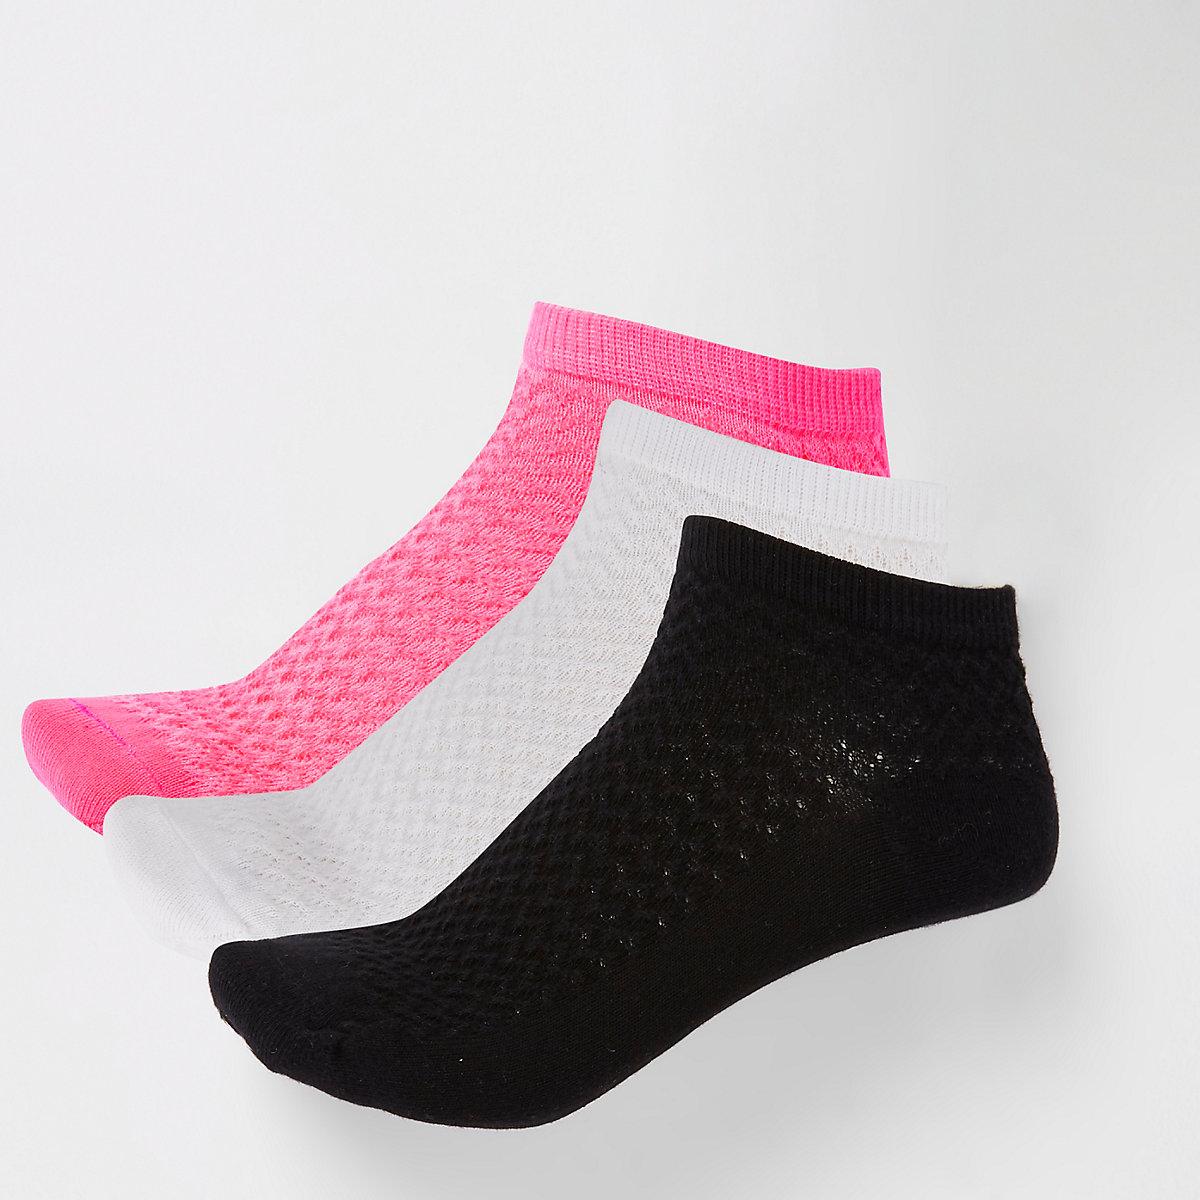 Bright pink sneaker socks 3 pack